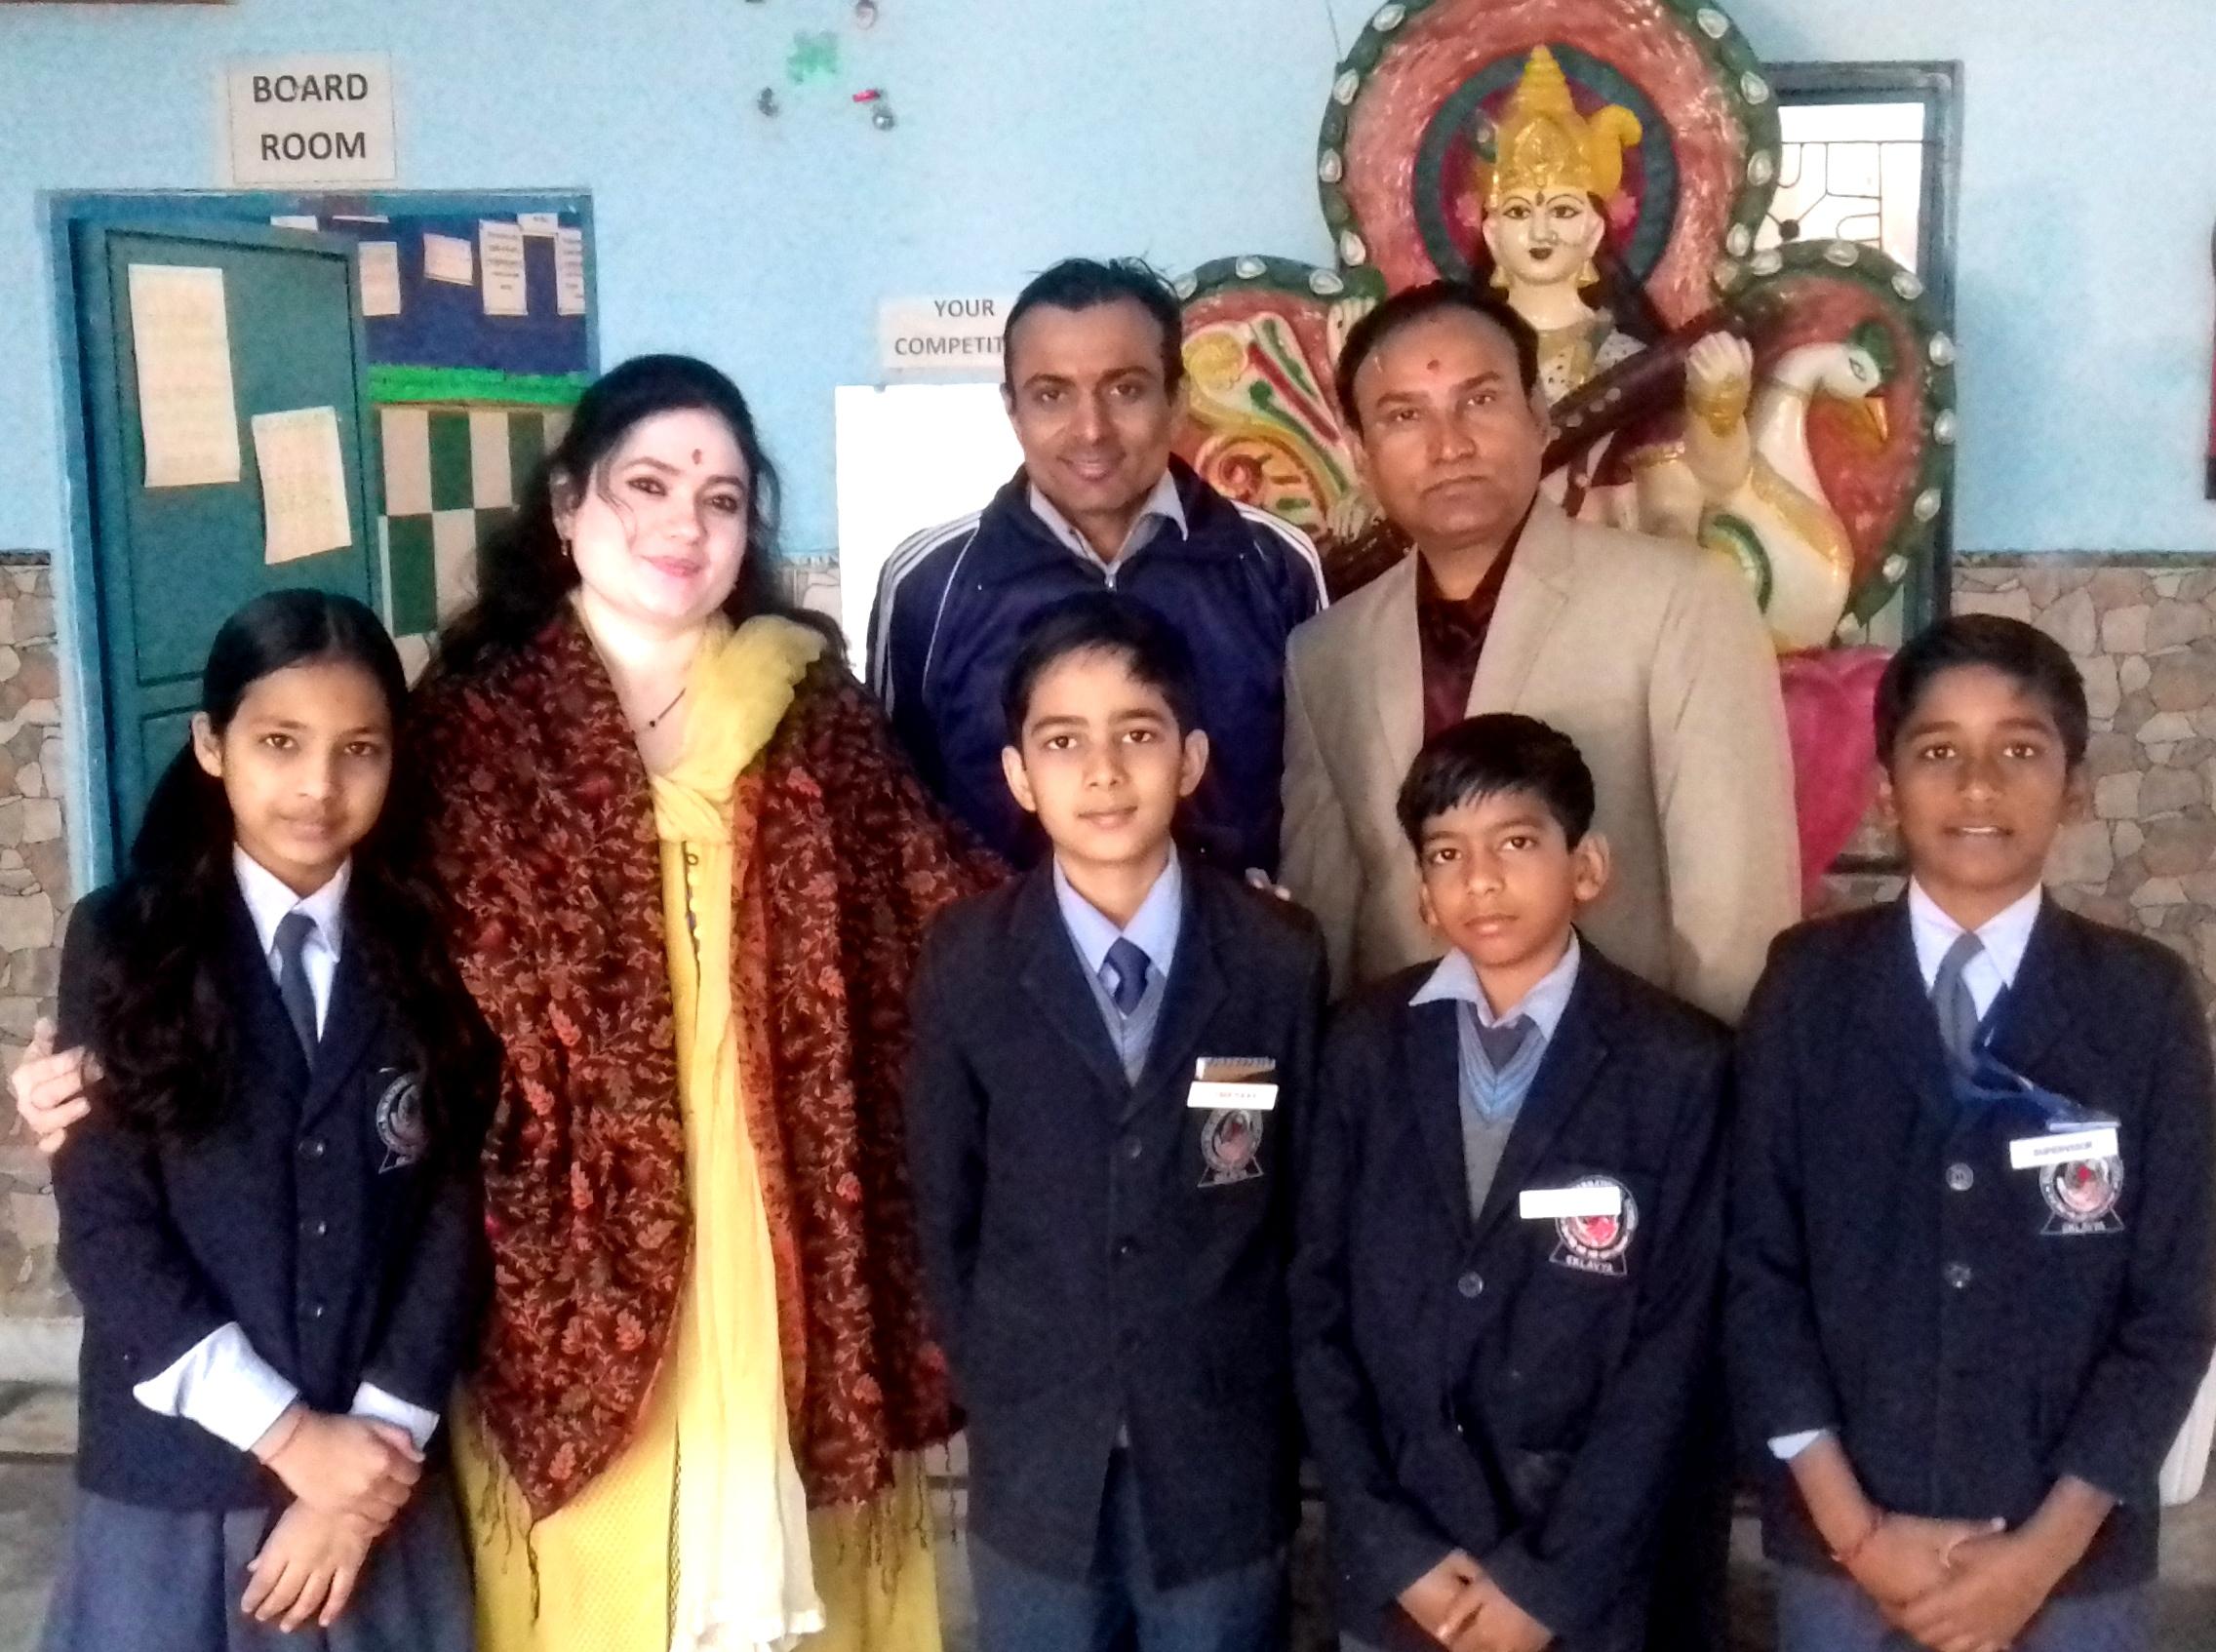 मुनि इंटरनेशनल स्कूल के छात्रों से मिले UniqYOU International School (IDAR) के प्रधानाचार्य हर्षद वी पटेल